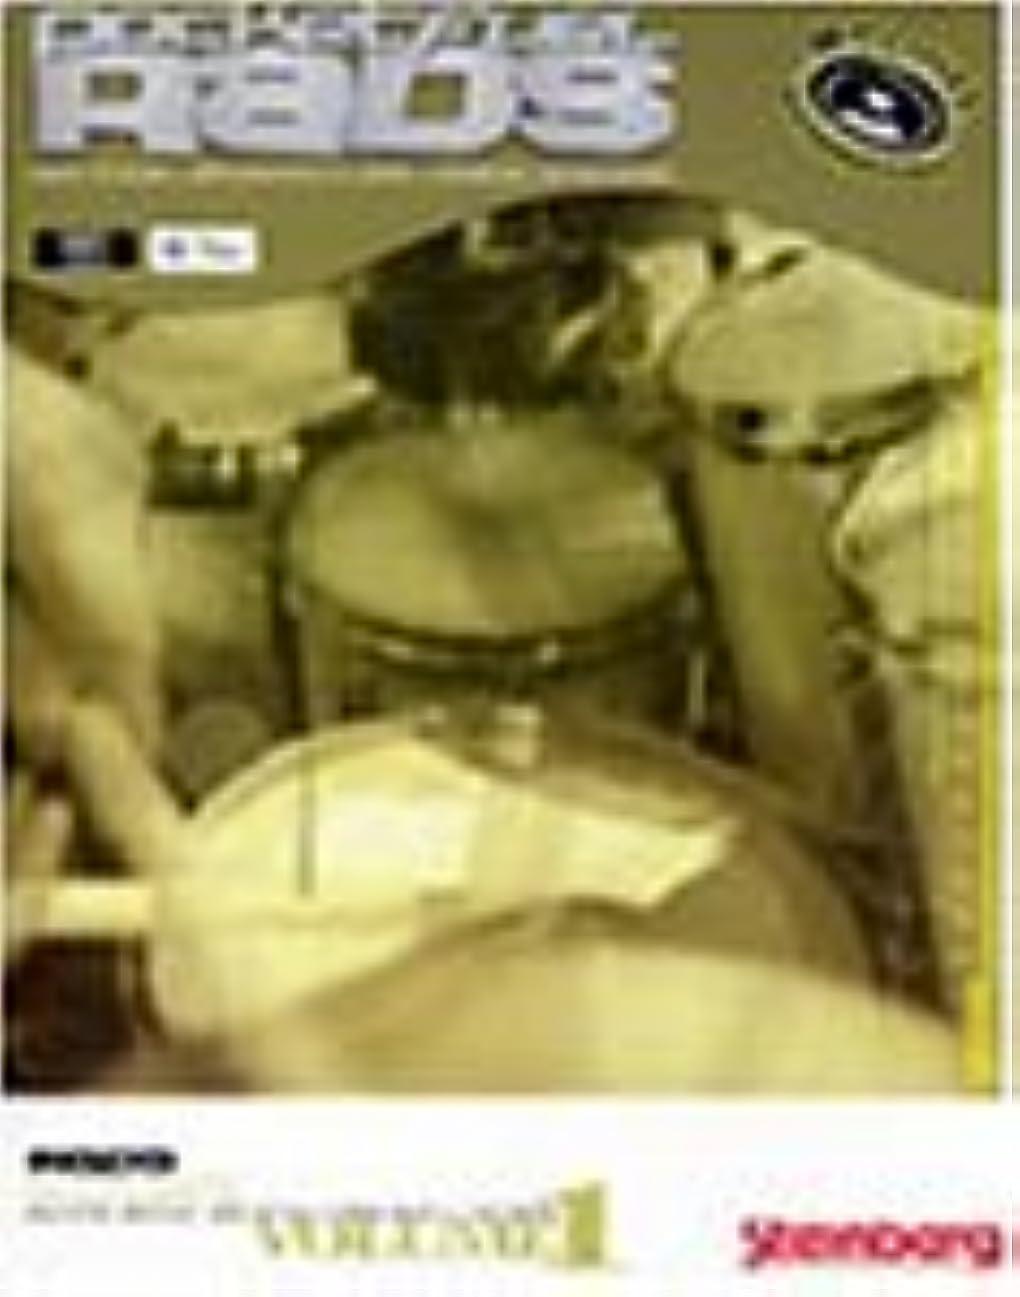 社説ブレイズ呼びかけるPocket Fuel RADS Volume 1 Acoustic Rock Drum Loops